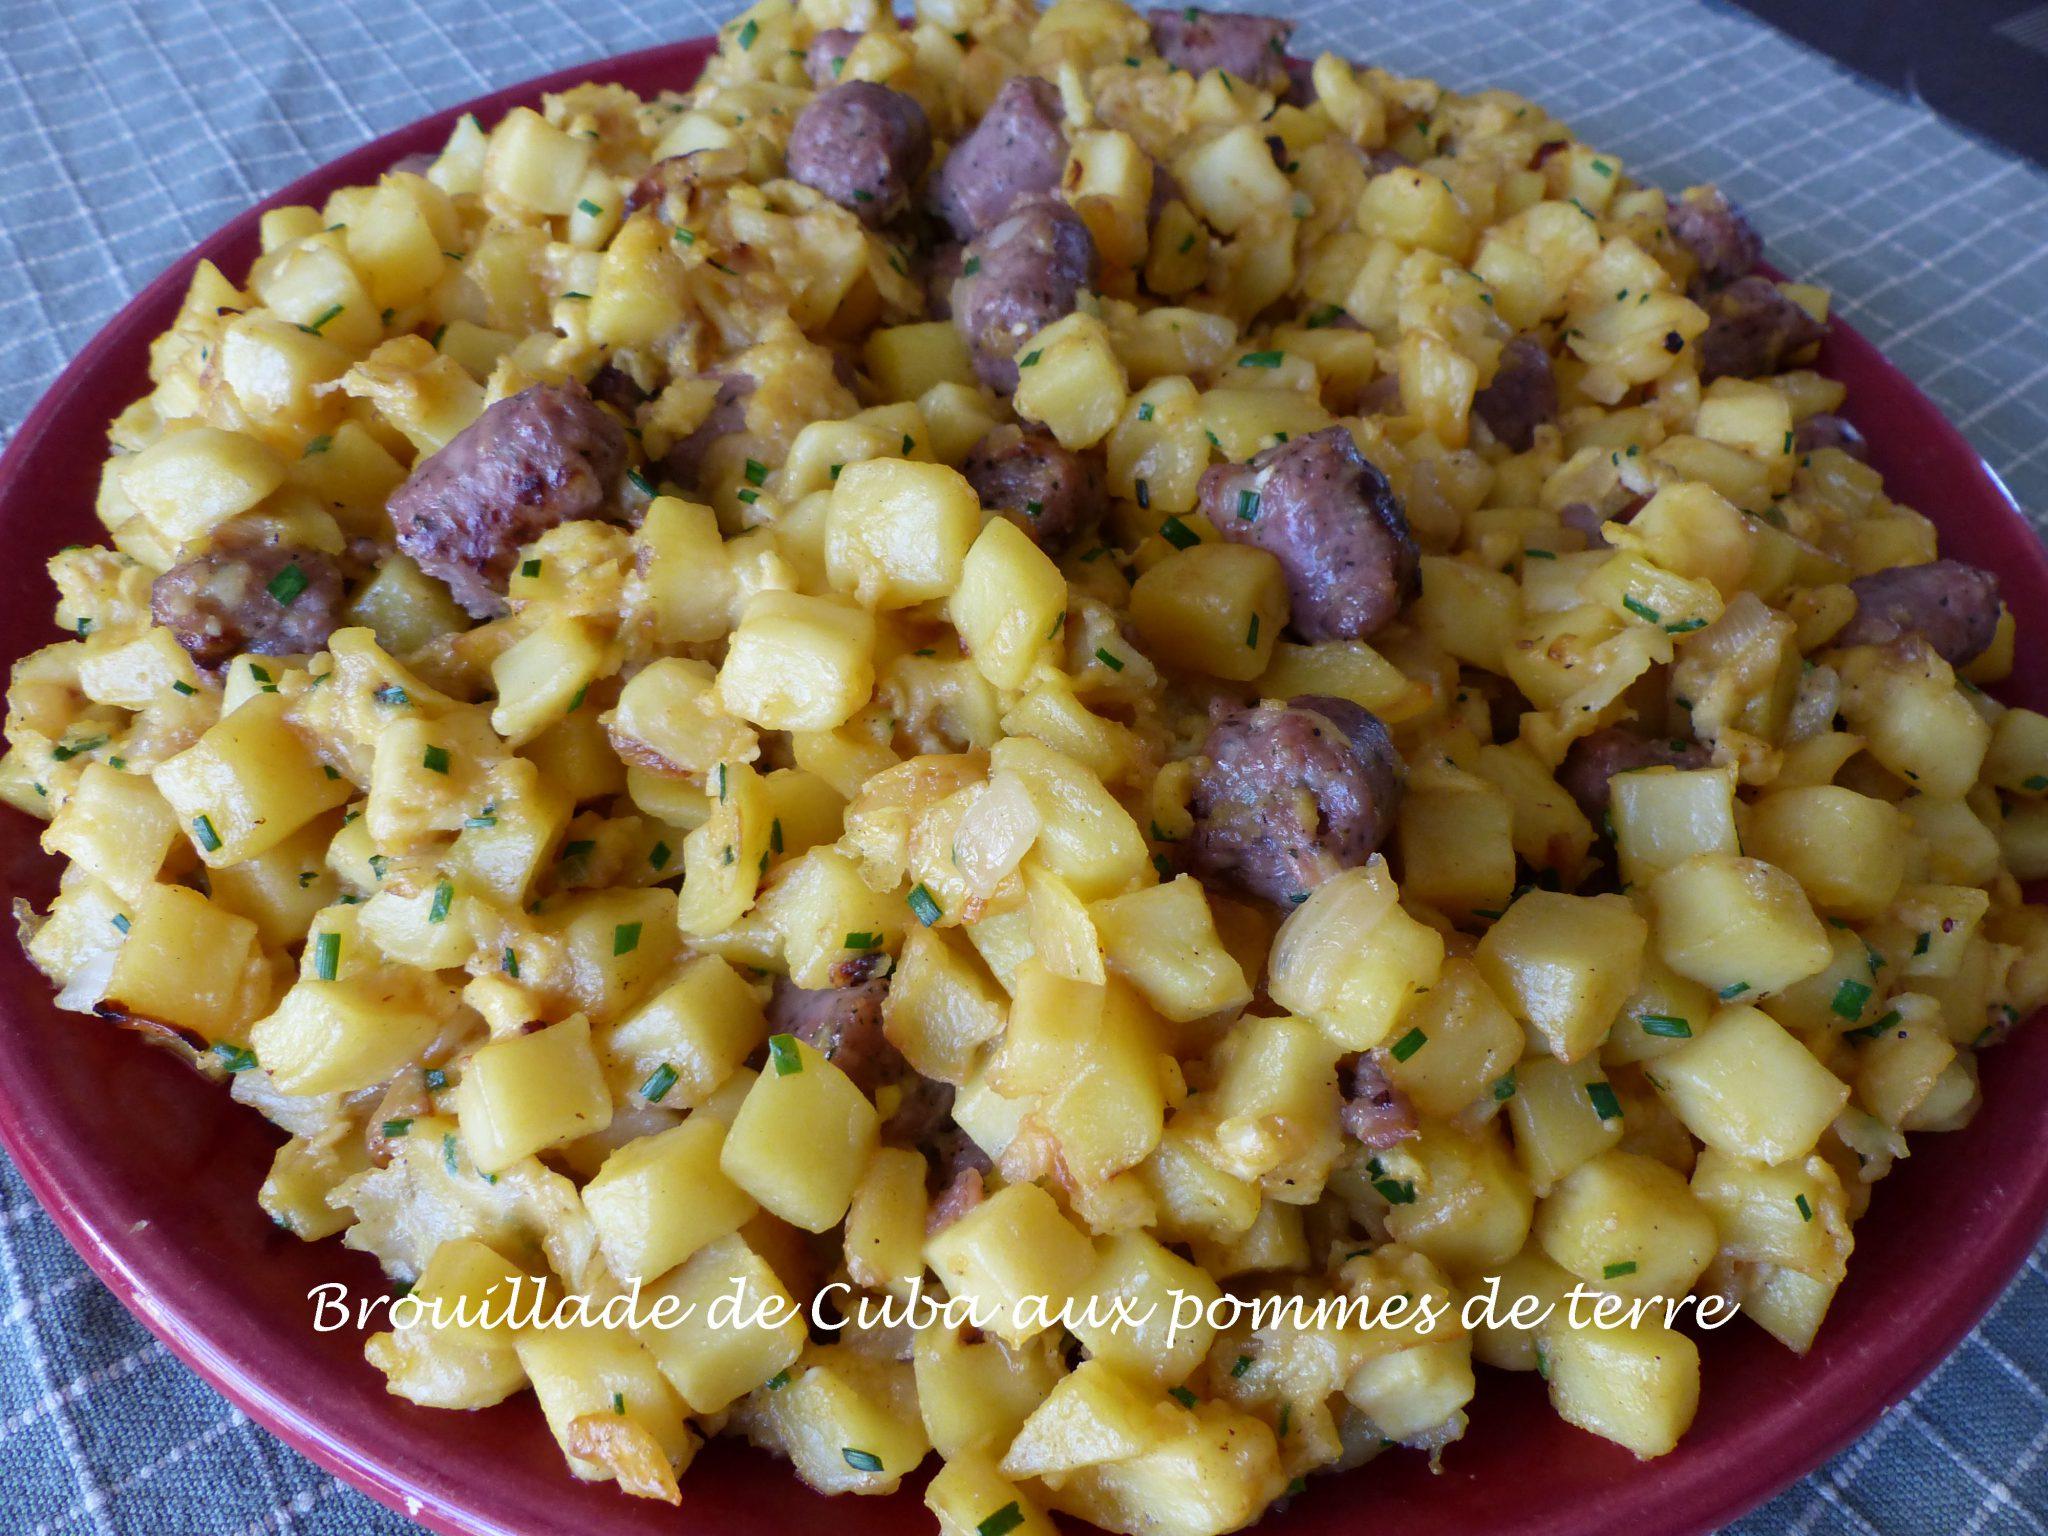 Brouillade de Cuba aux pommes de terre P1120770 R